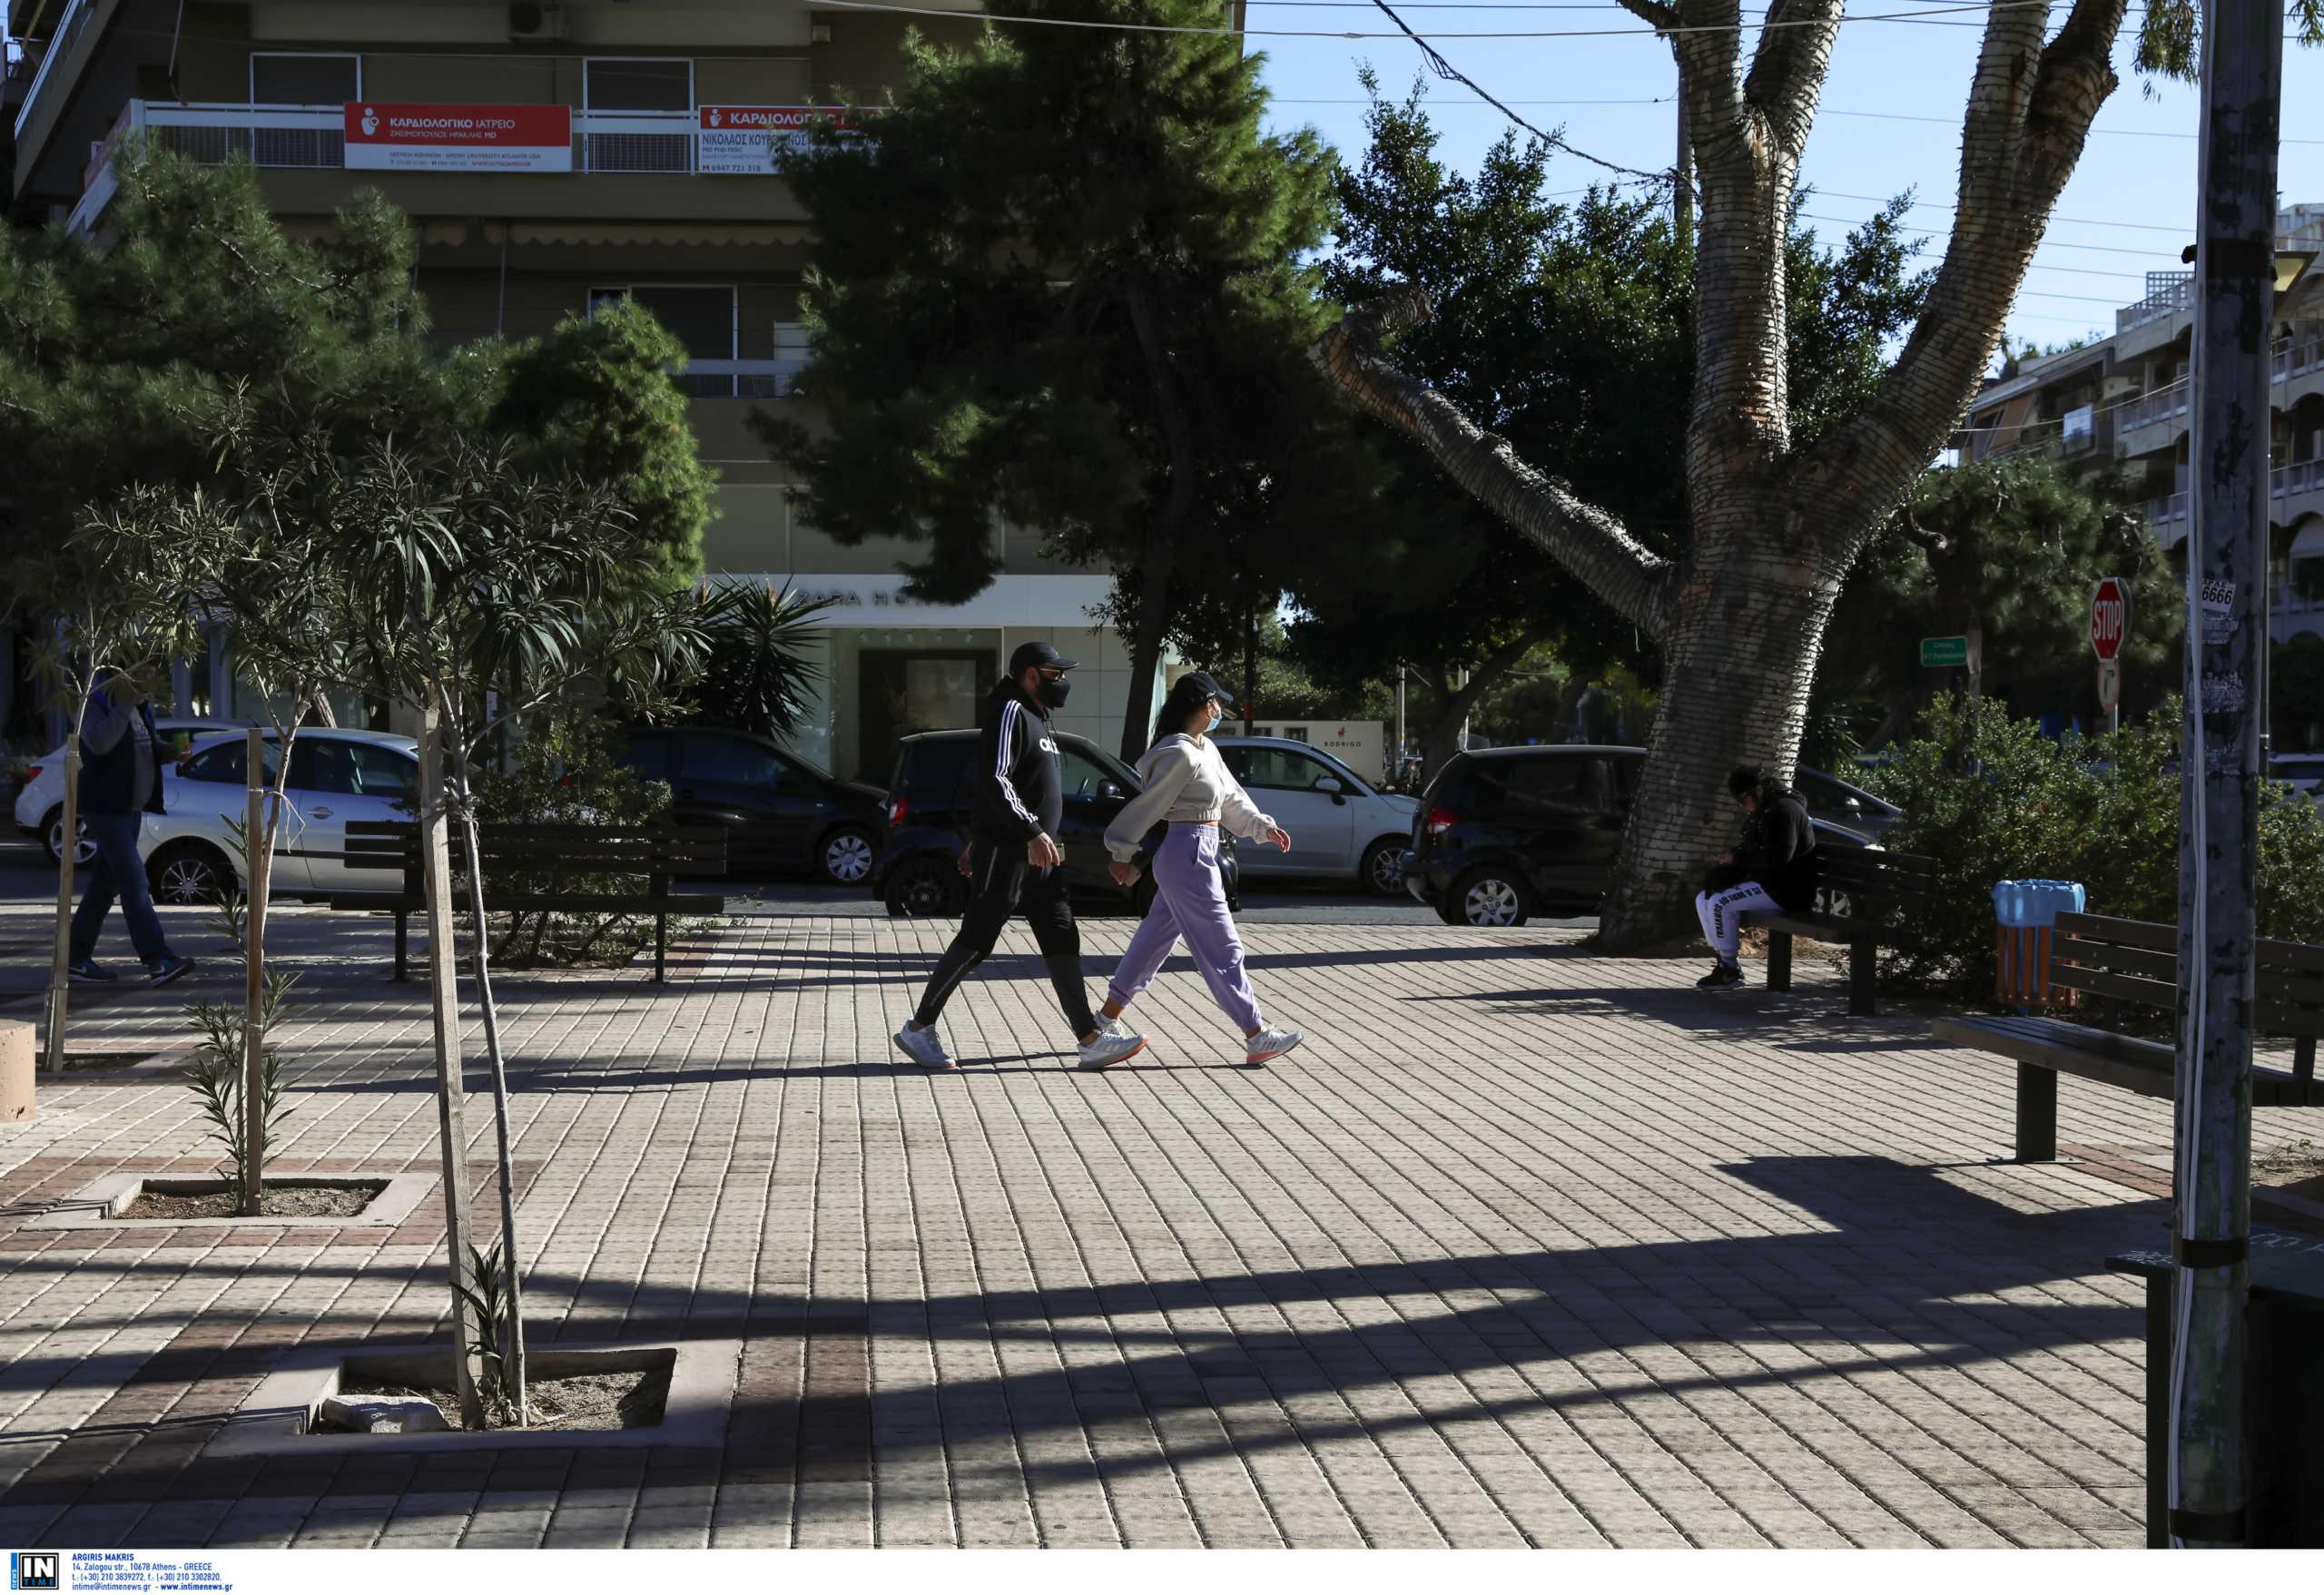 Με «μετακίνηση 6» οι Αθηναίοι απόλαυσαν τον καλό καιρό πριν χαλάσει (pics)